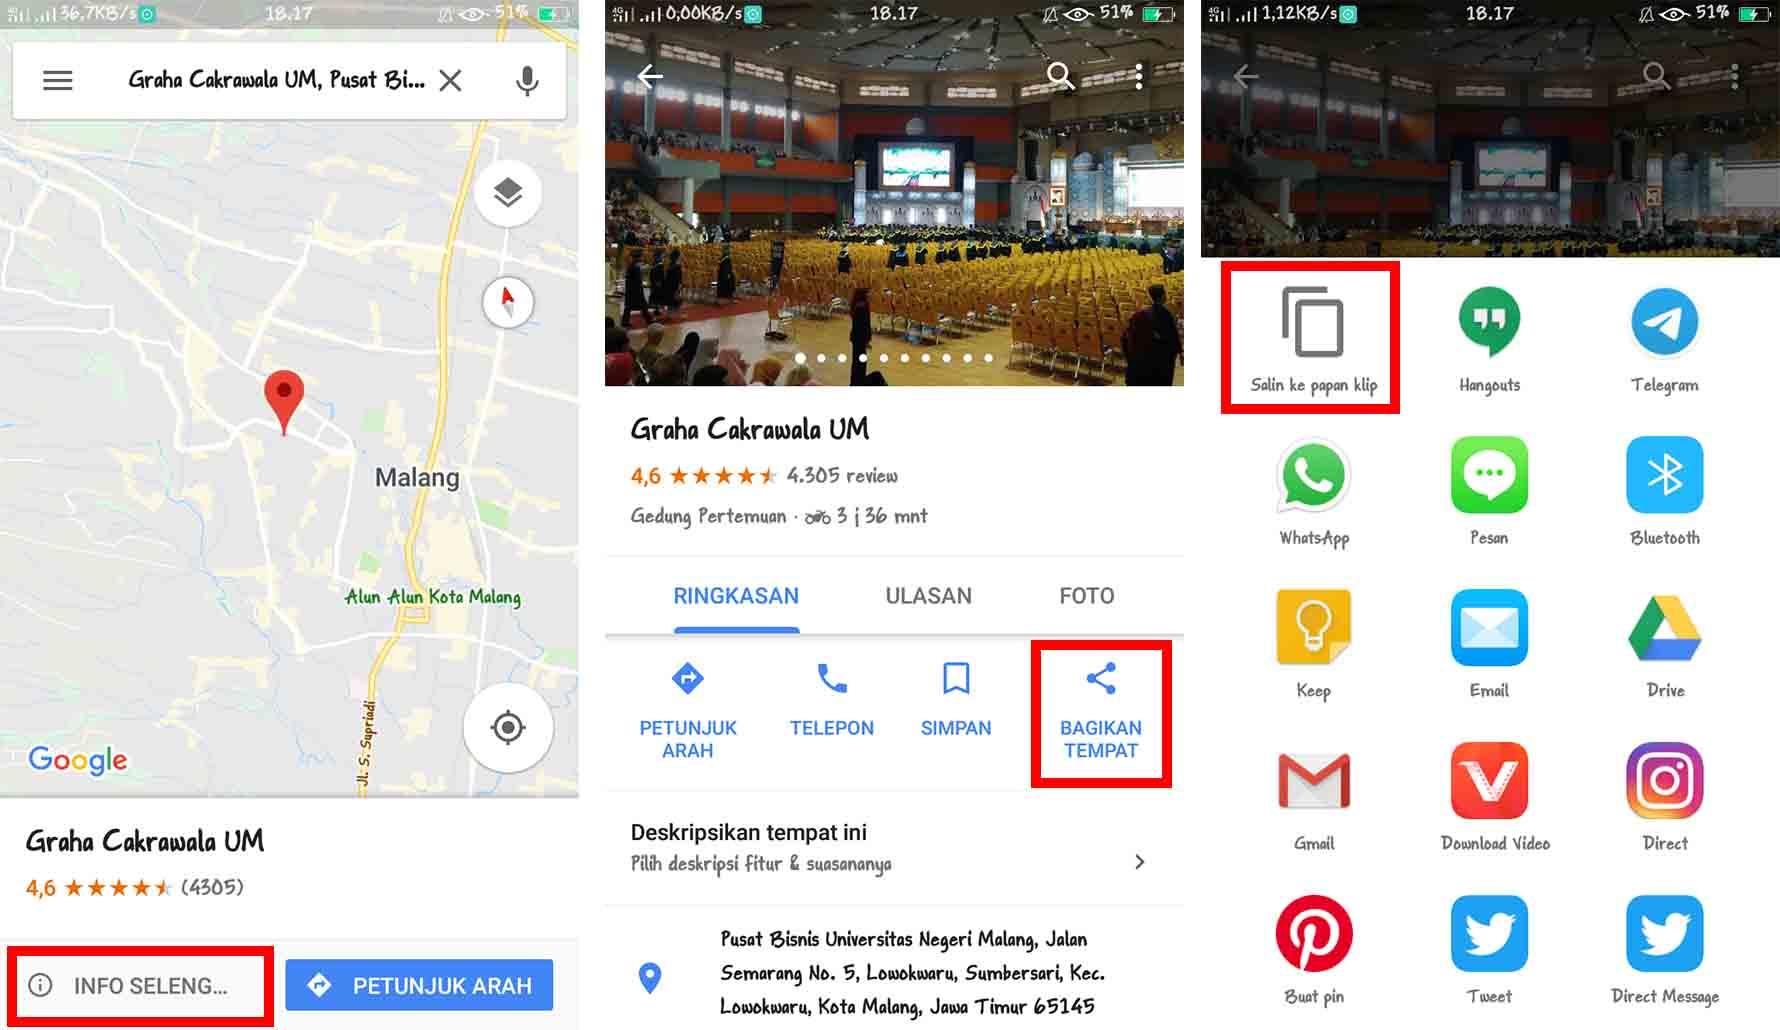 Cara Membuat Barcode Maps Tanpa Aplikasi